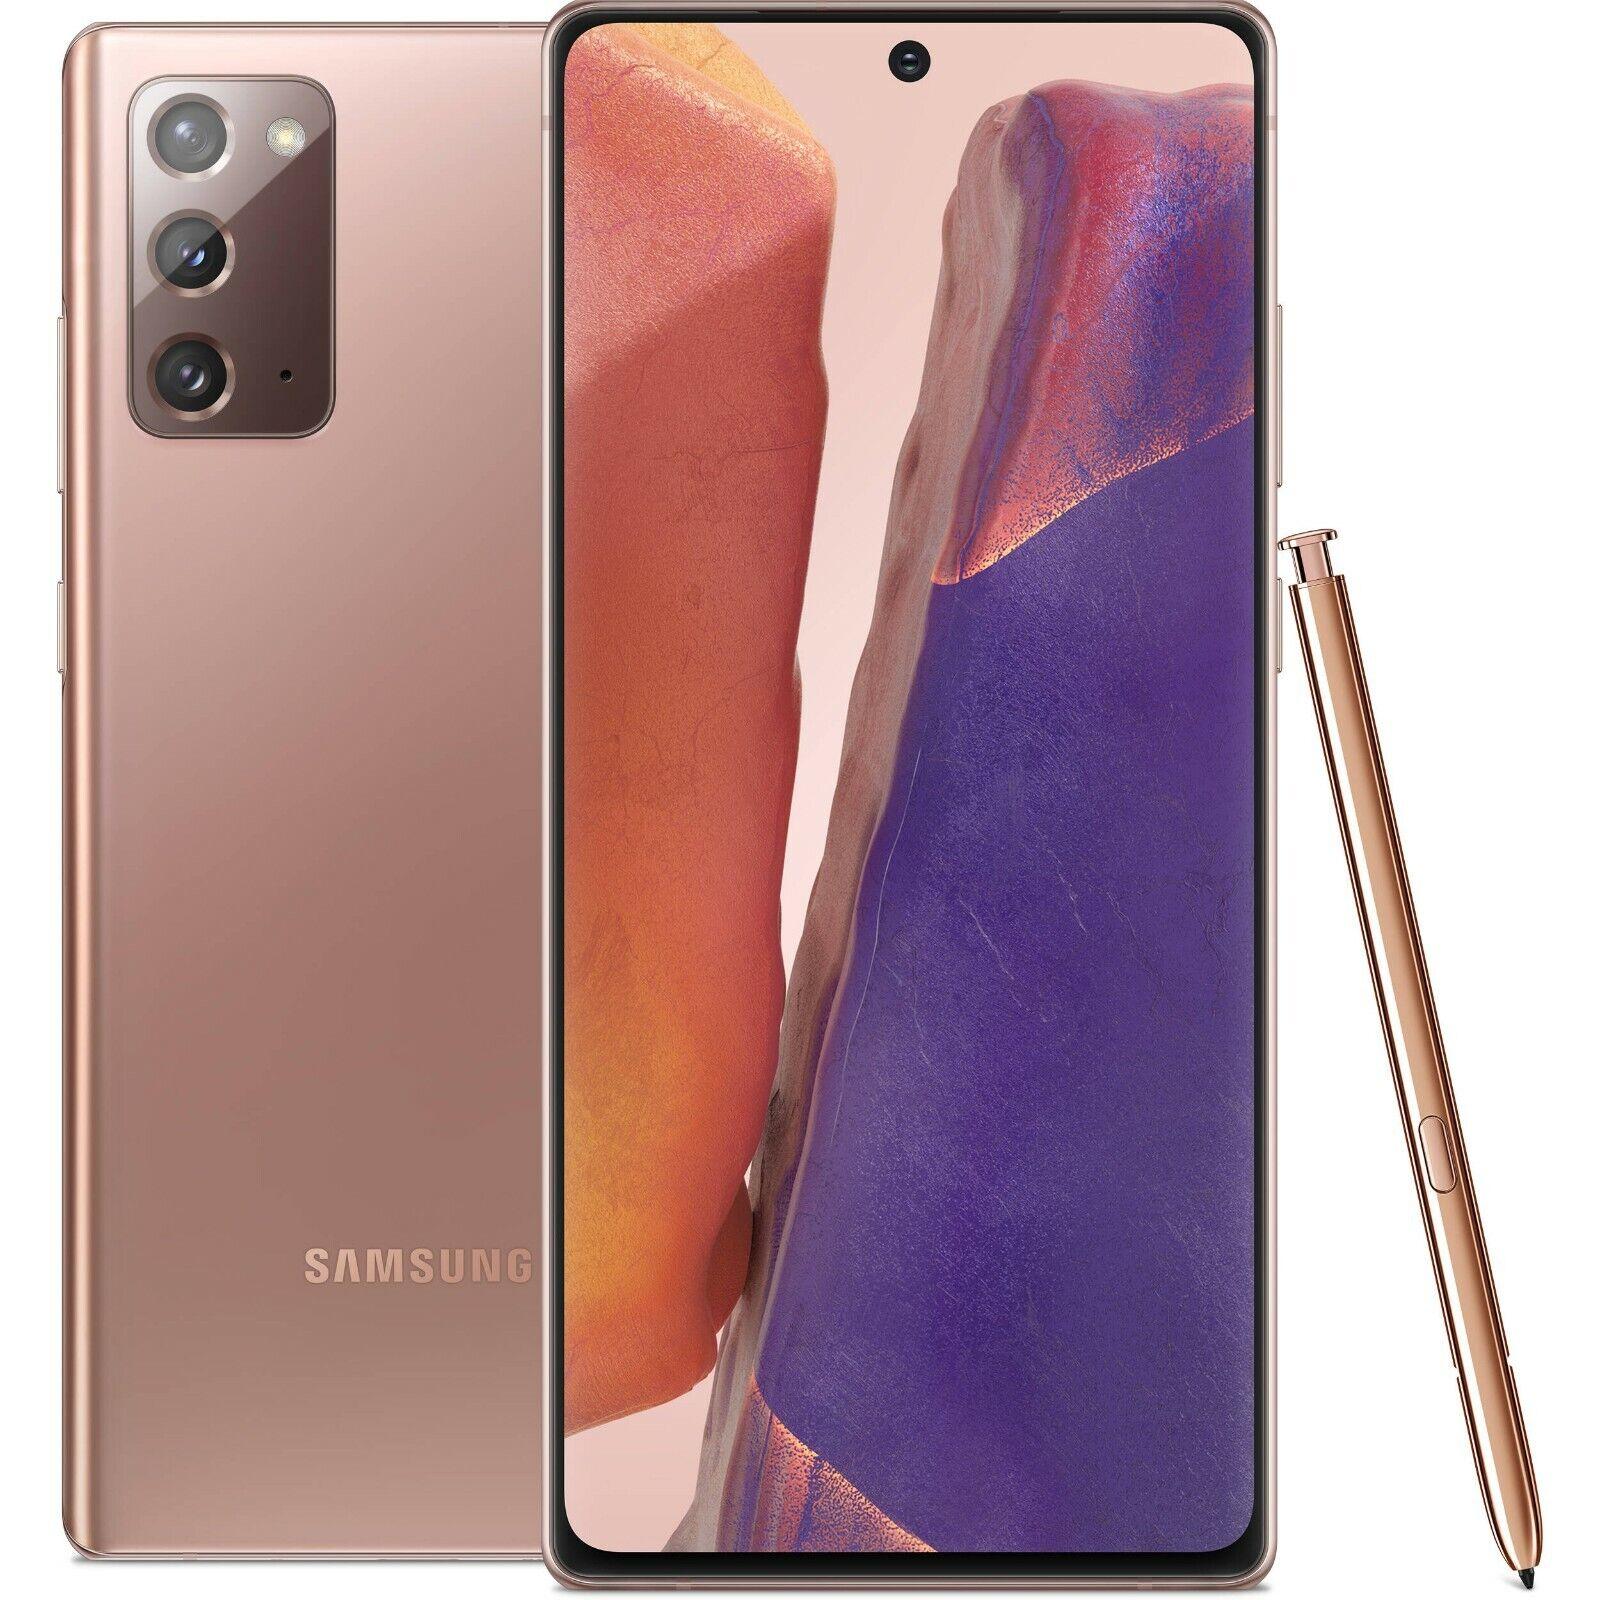 Samsung Galaxy Note 20 256GB 8GB RAM SM-N980F/DS (FACTORY UNLOCKED) 6.7